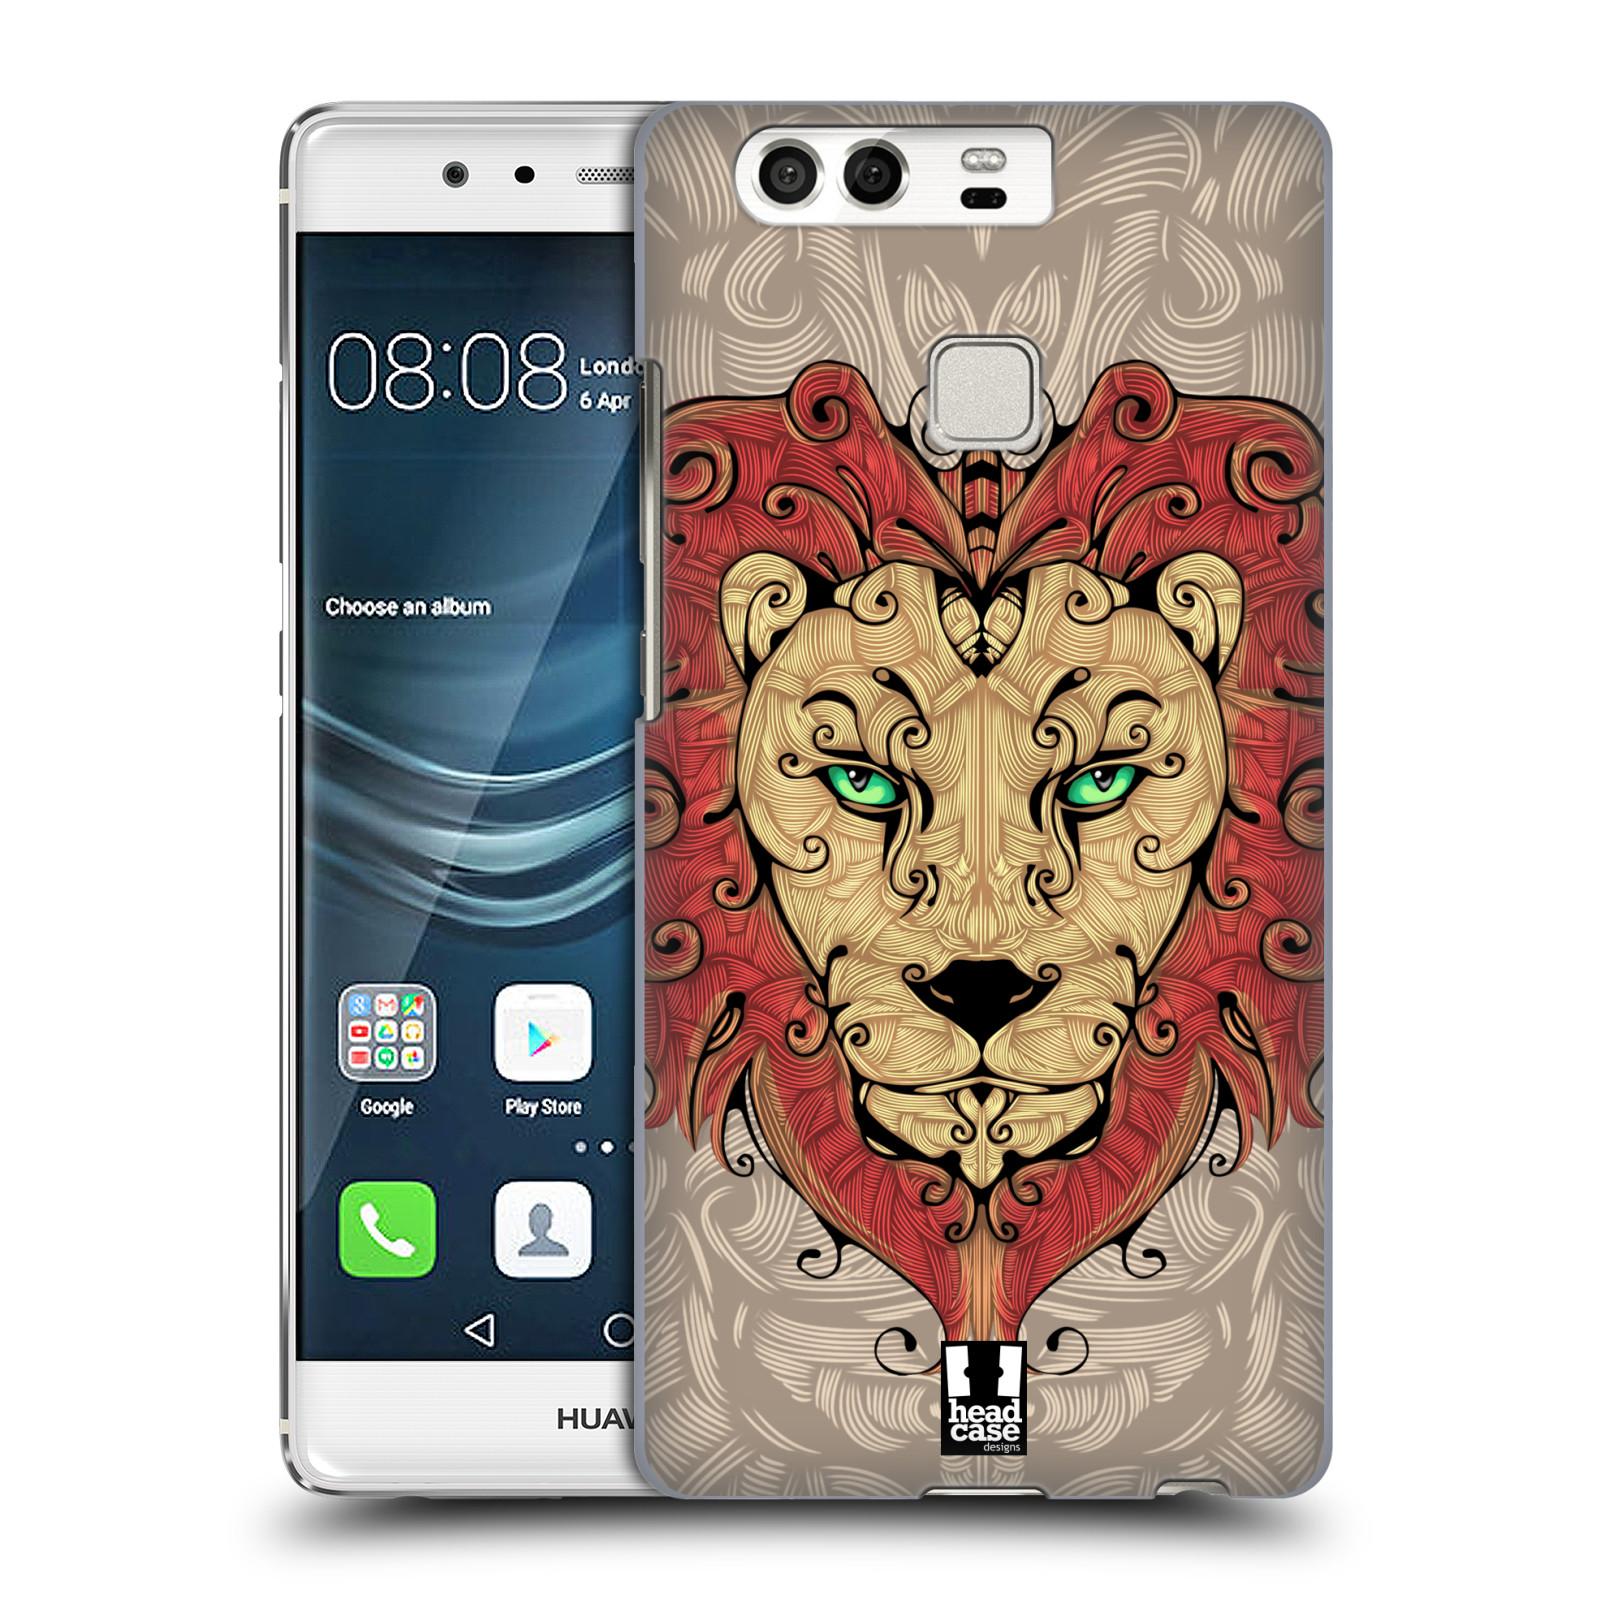 HEAD CASE plastový obal na mobil Huawei P9 / P9 DUAL SIM vzor kudrlinky zvíře lev